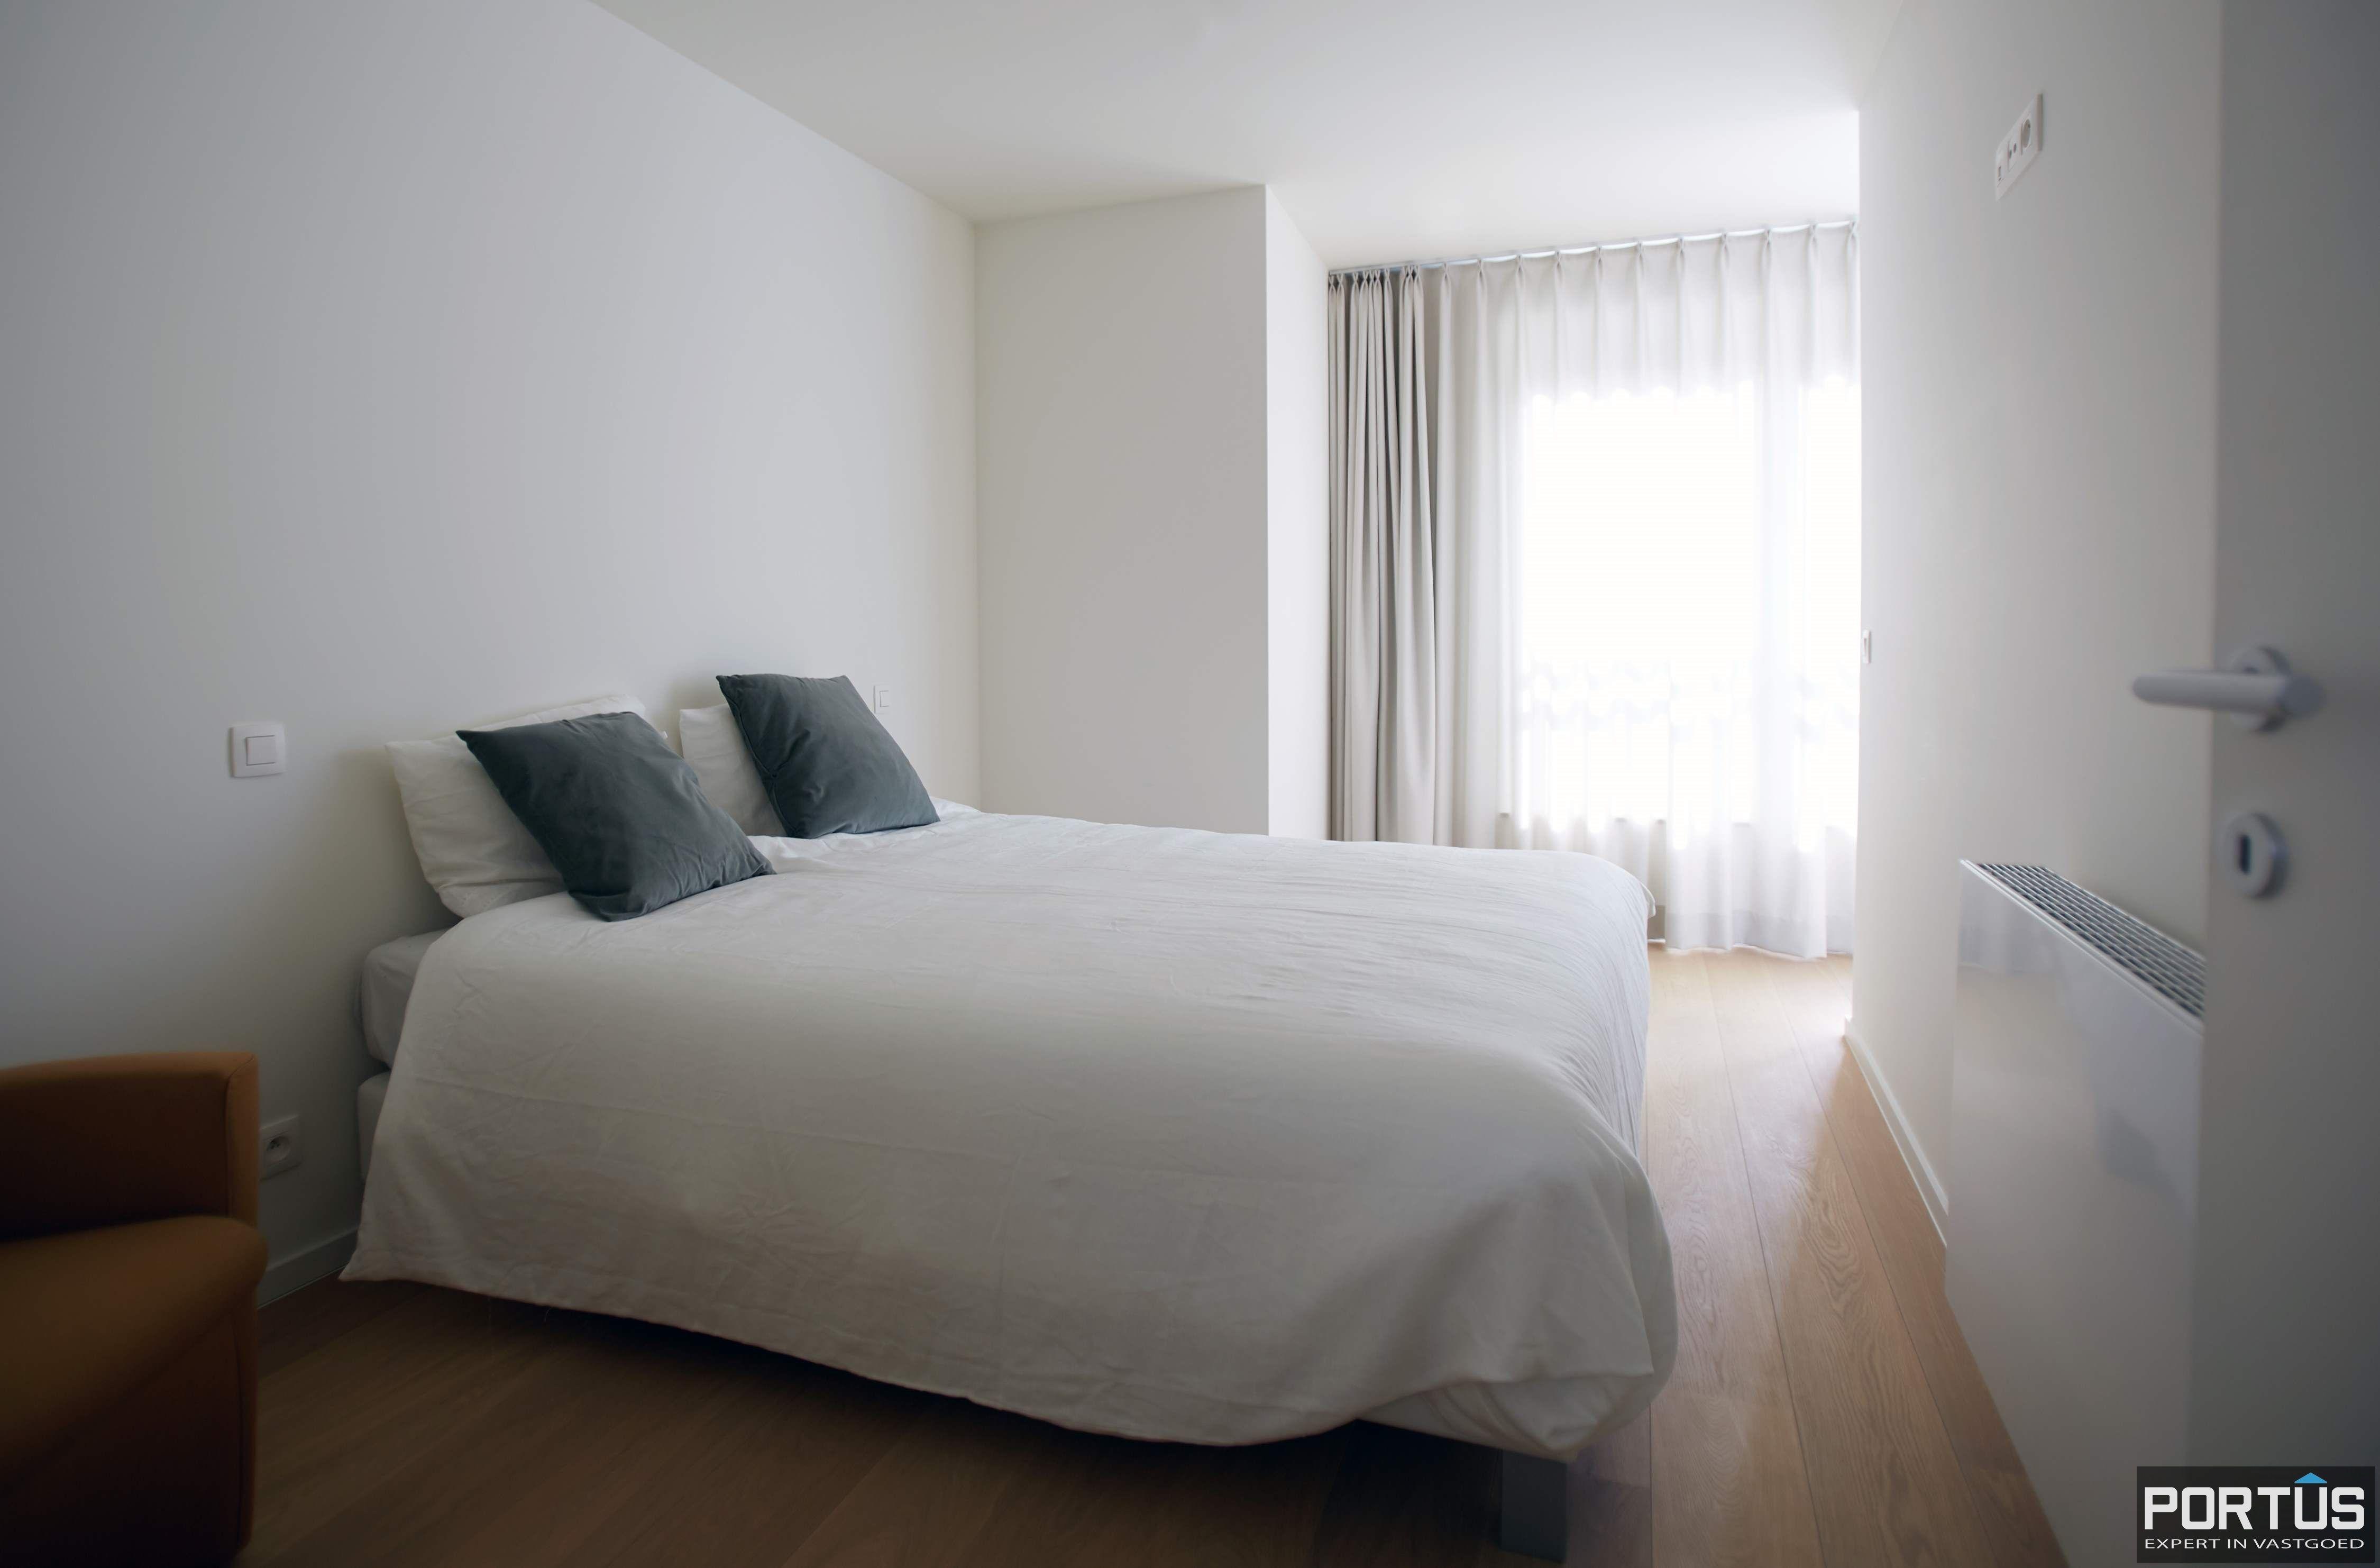 Zongericht appartement te koop Nieuwpoort - 7181